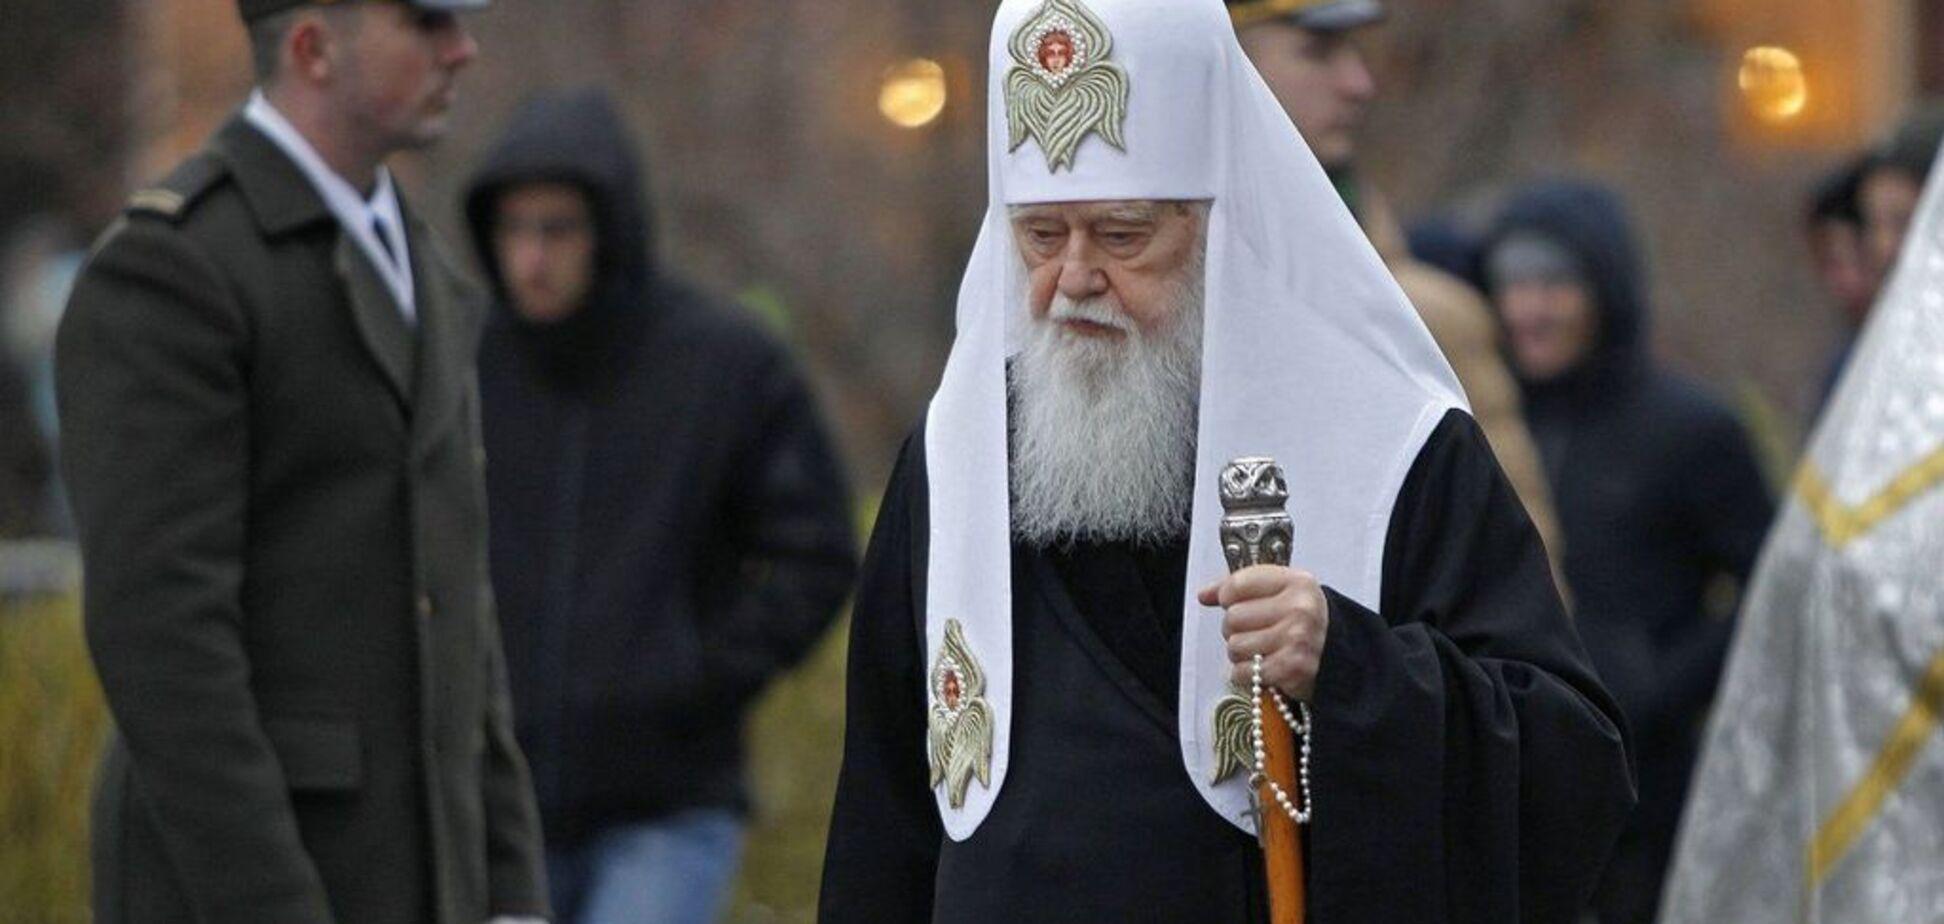 Константинополь снял анафему с патриарха Филарета и изменил статус УПЦ КП